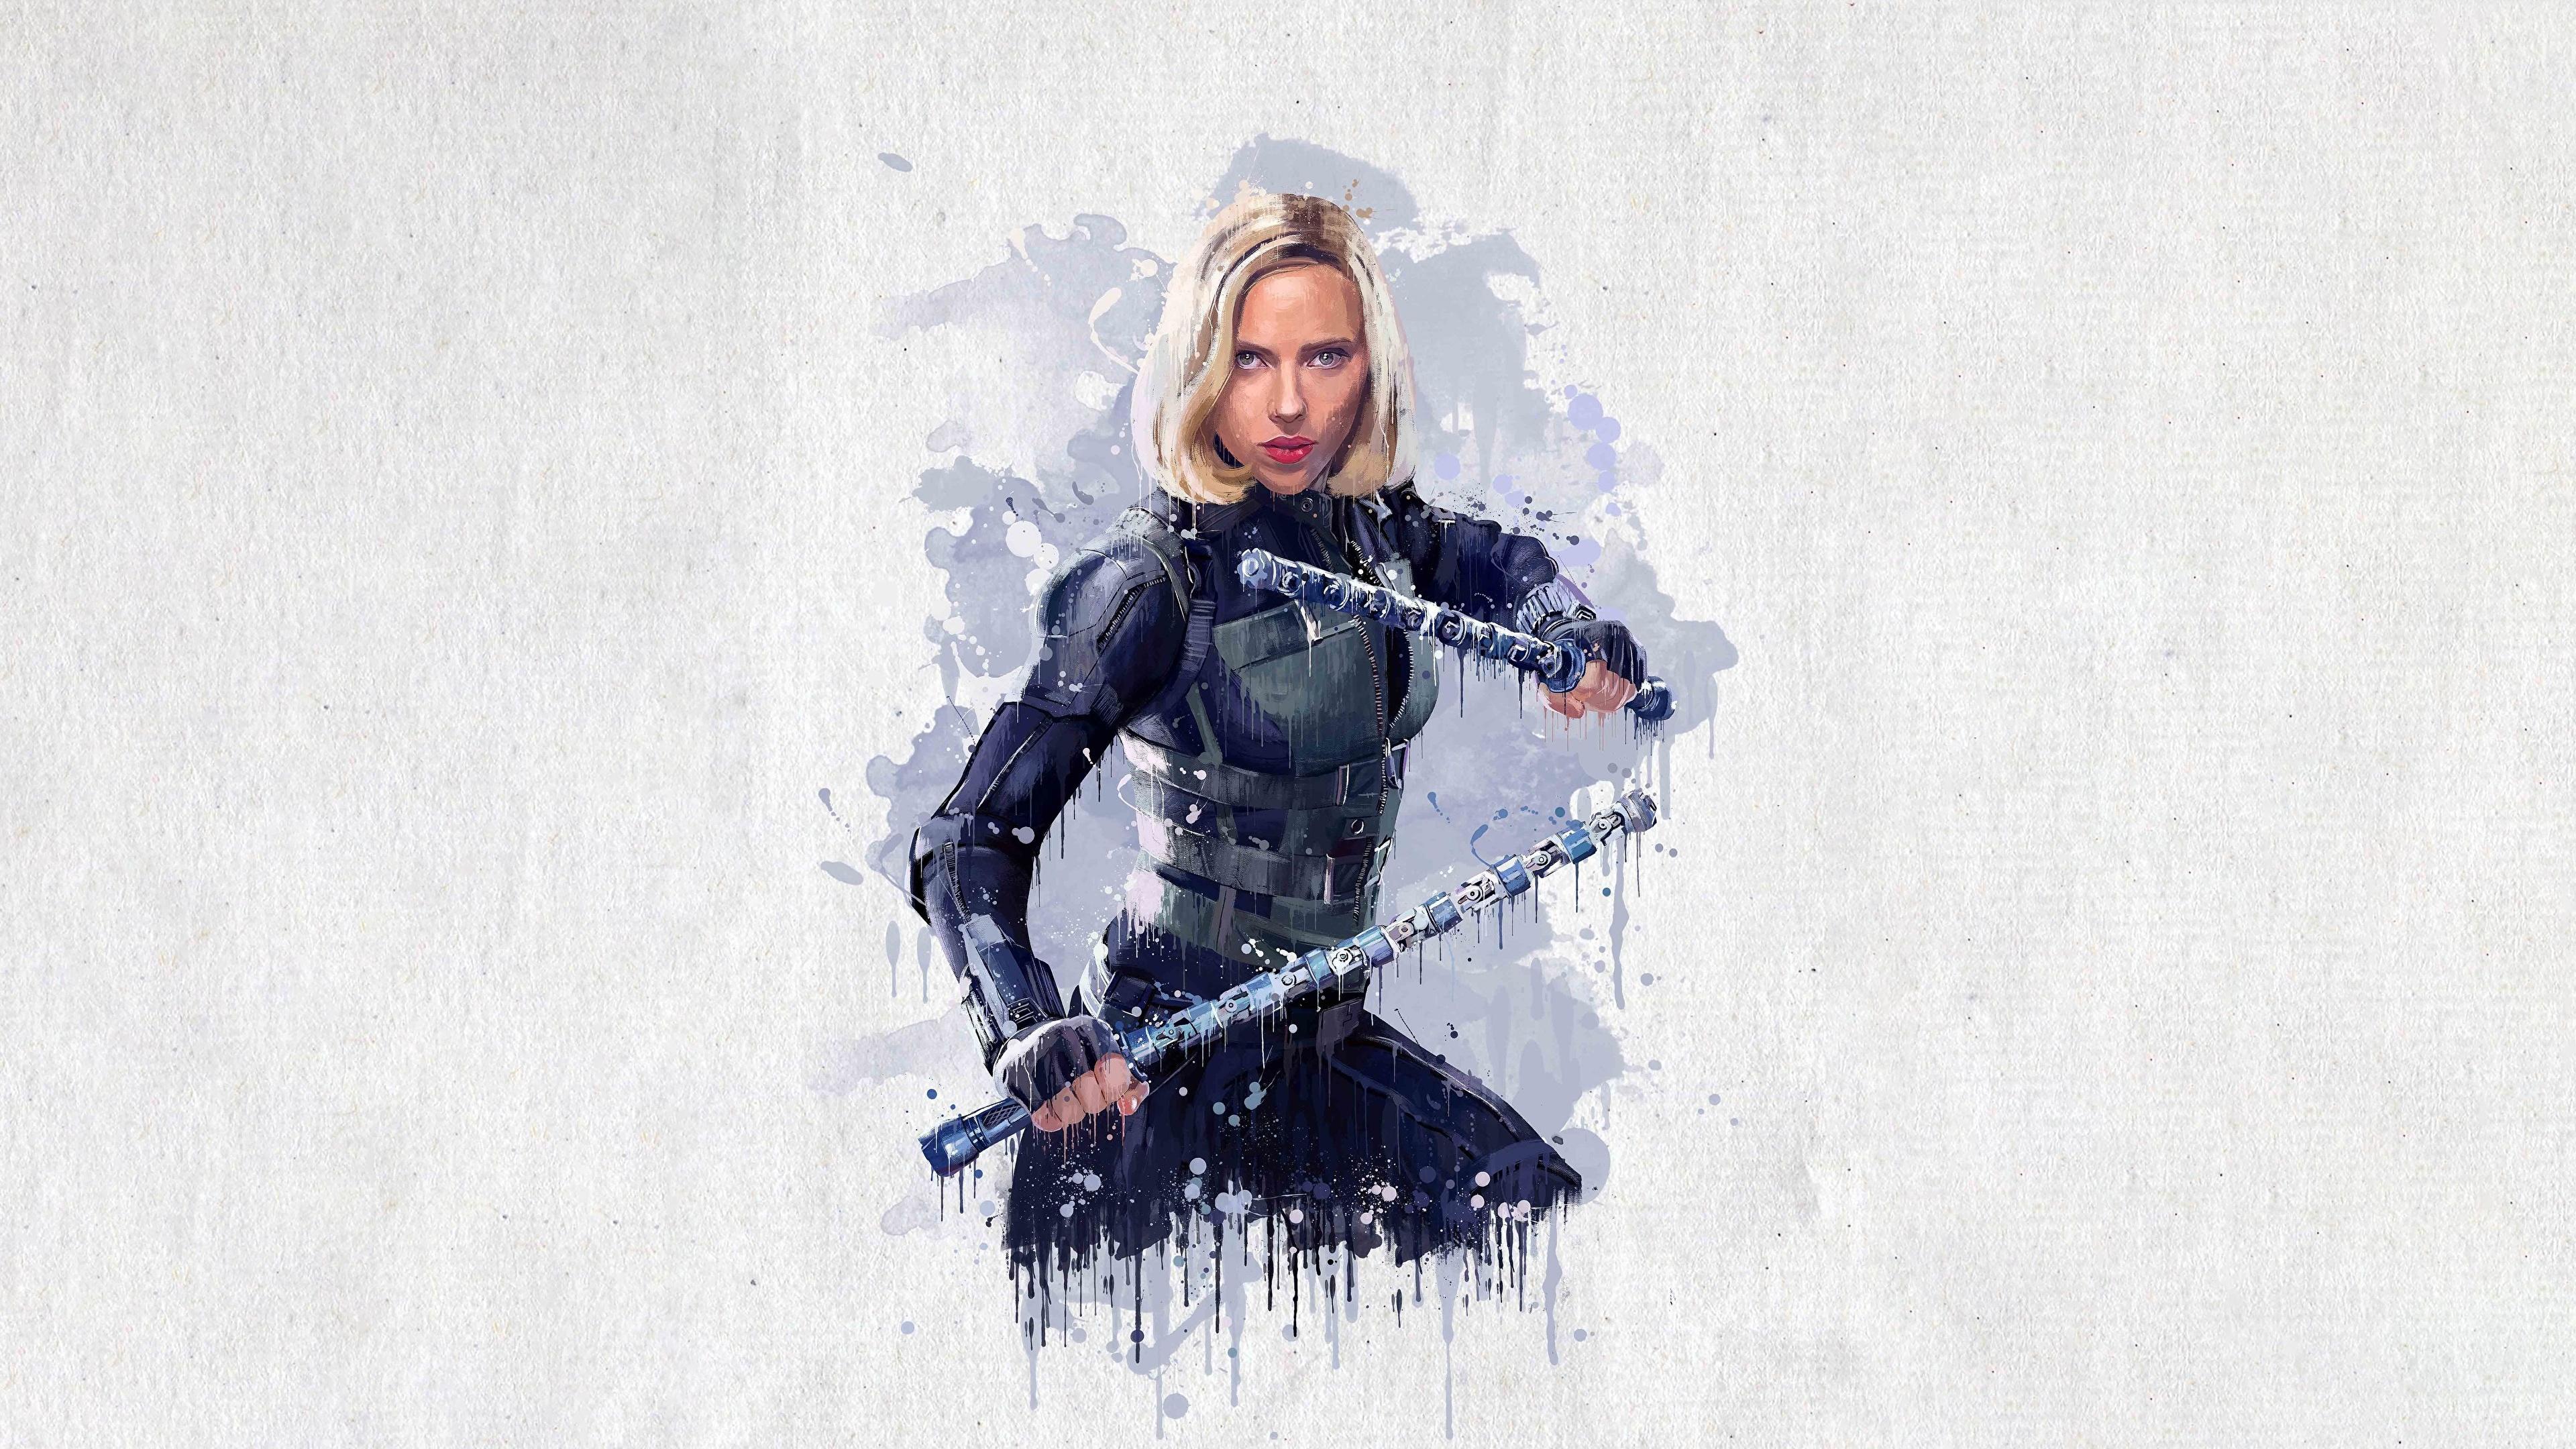 Desktop Wallpapers Avengers Infinity War Scarlett 3840x2160